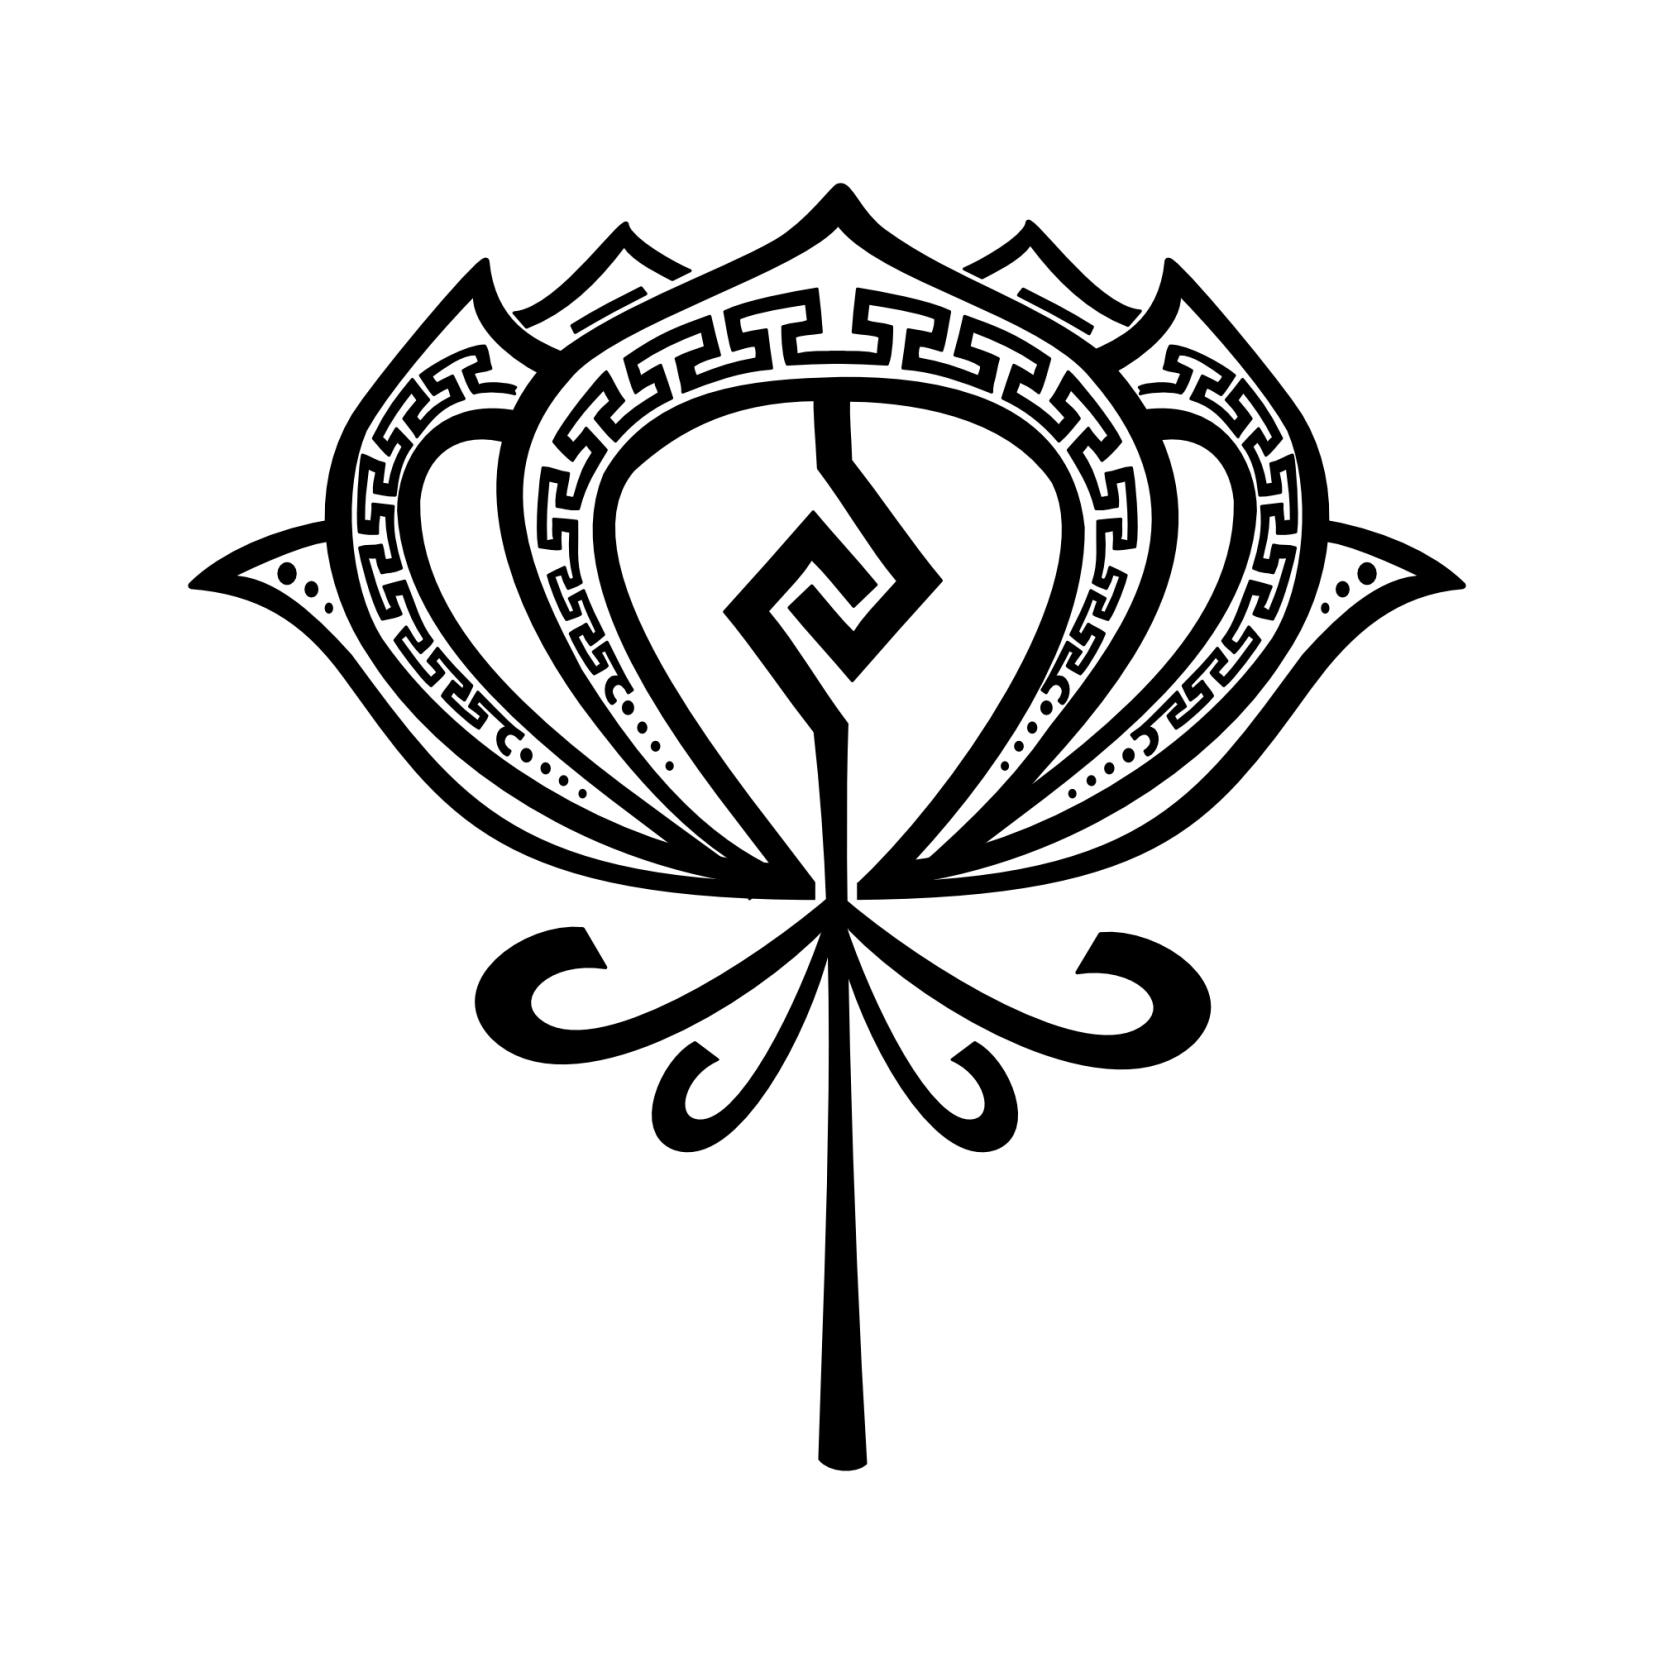 Aztec symbols tatuaggio di loto aztecoperfezione unione tattoo aztec symbols tatuaggio di loto aztecoperfezione unione tattoo tattootribes buycottarizona Gallery